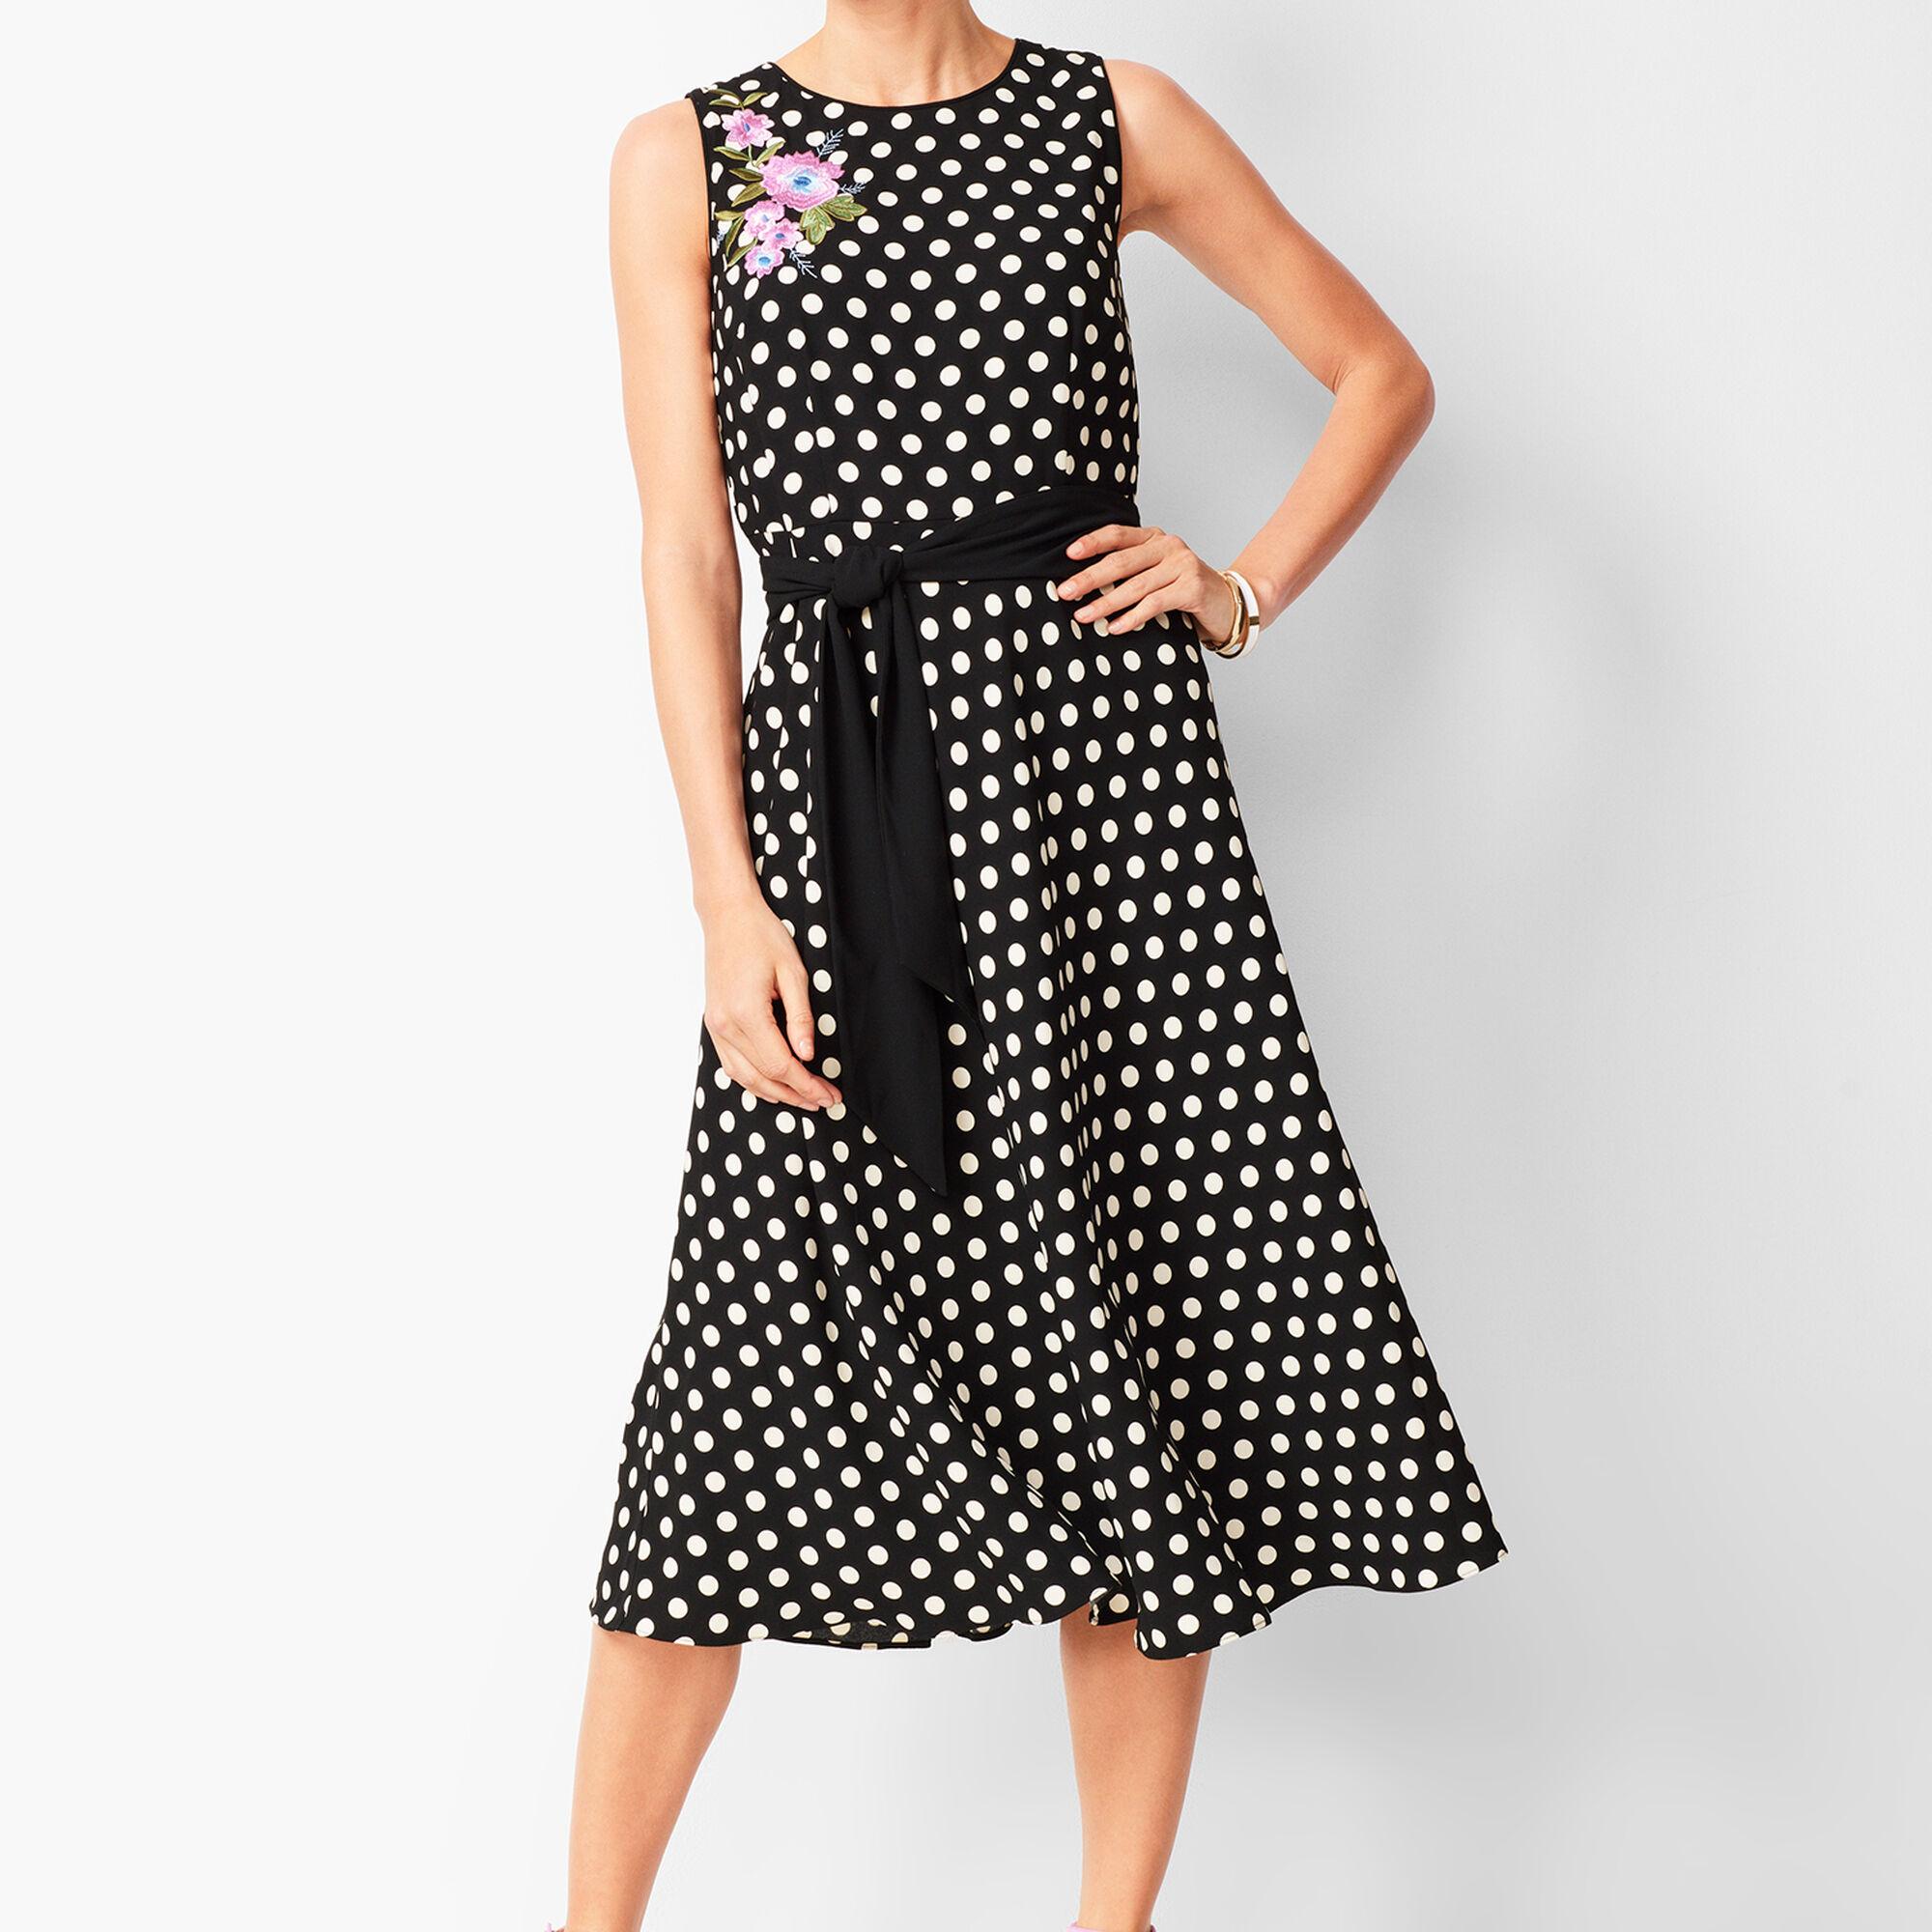 30c7add35fa27 Polka Dot Fit & Flare Dress Opens a New Window.